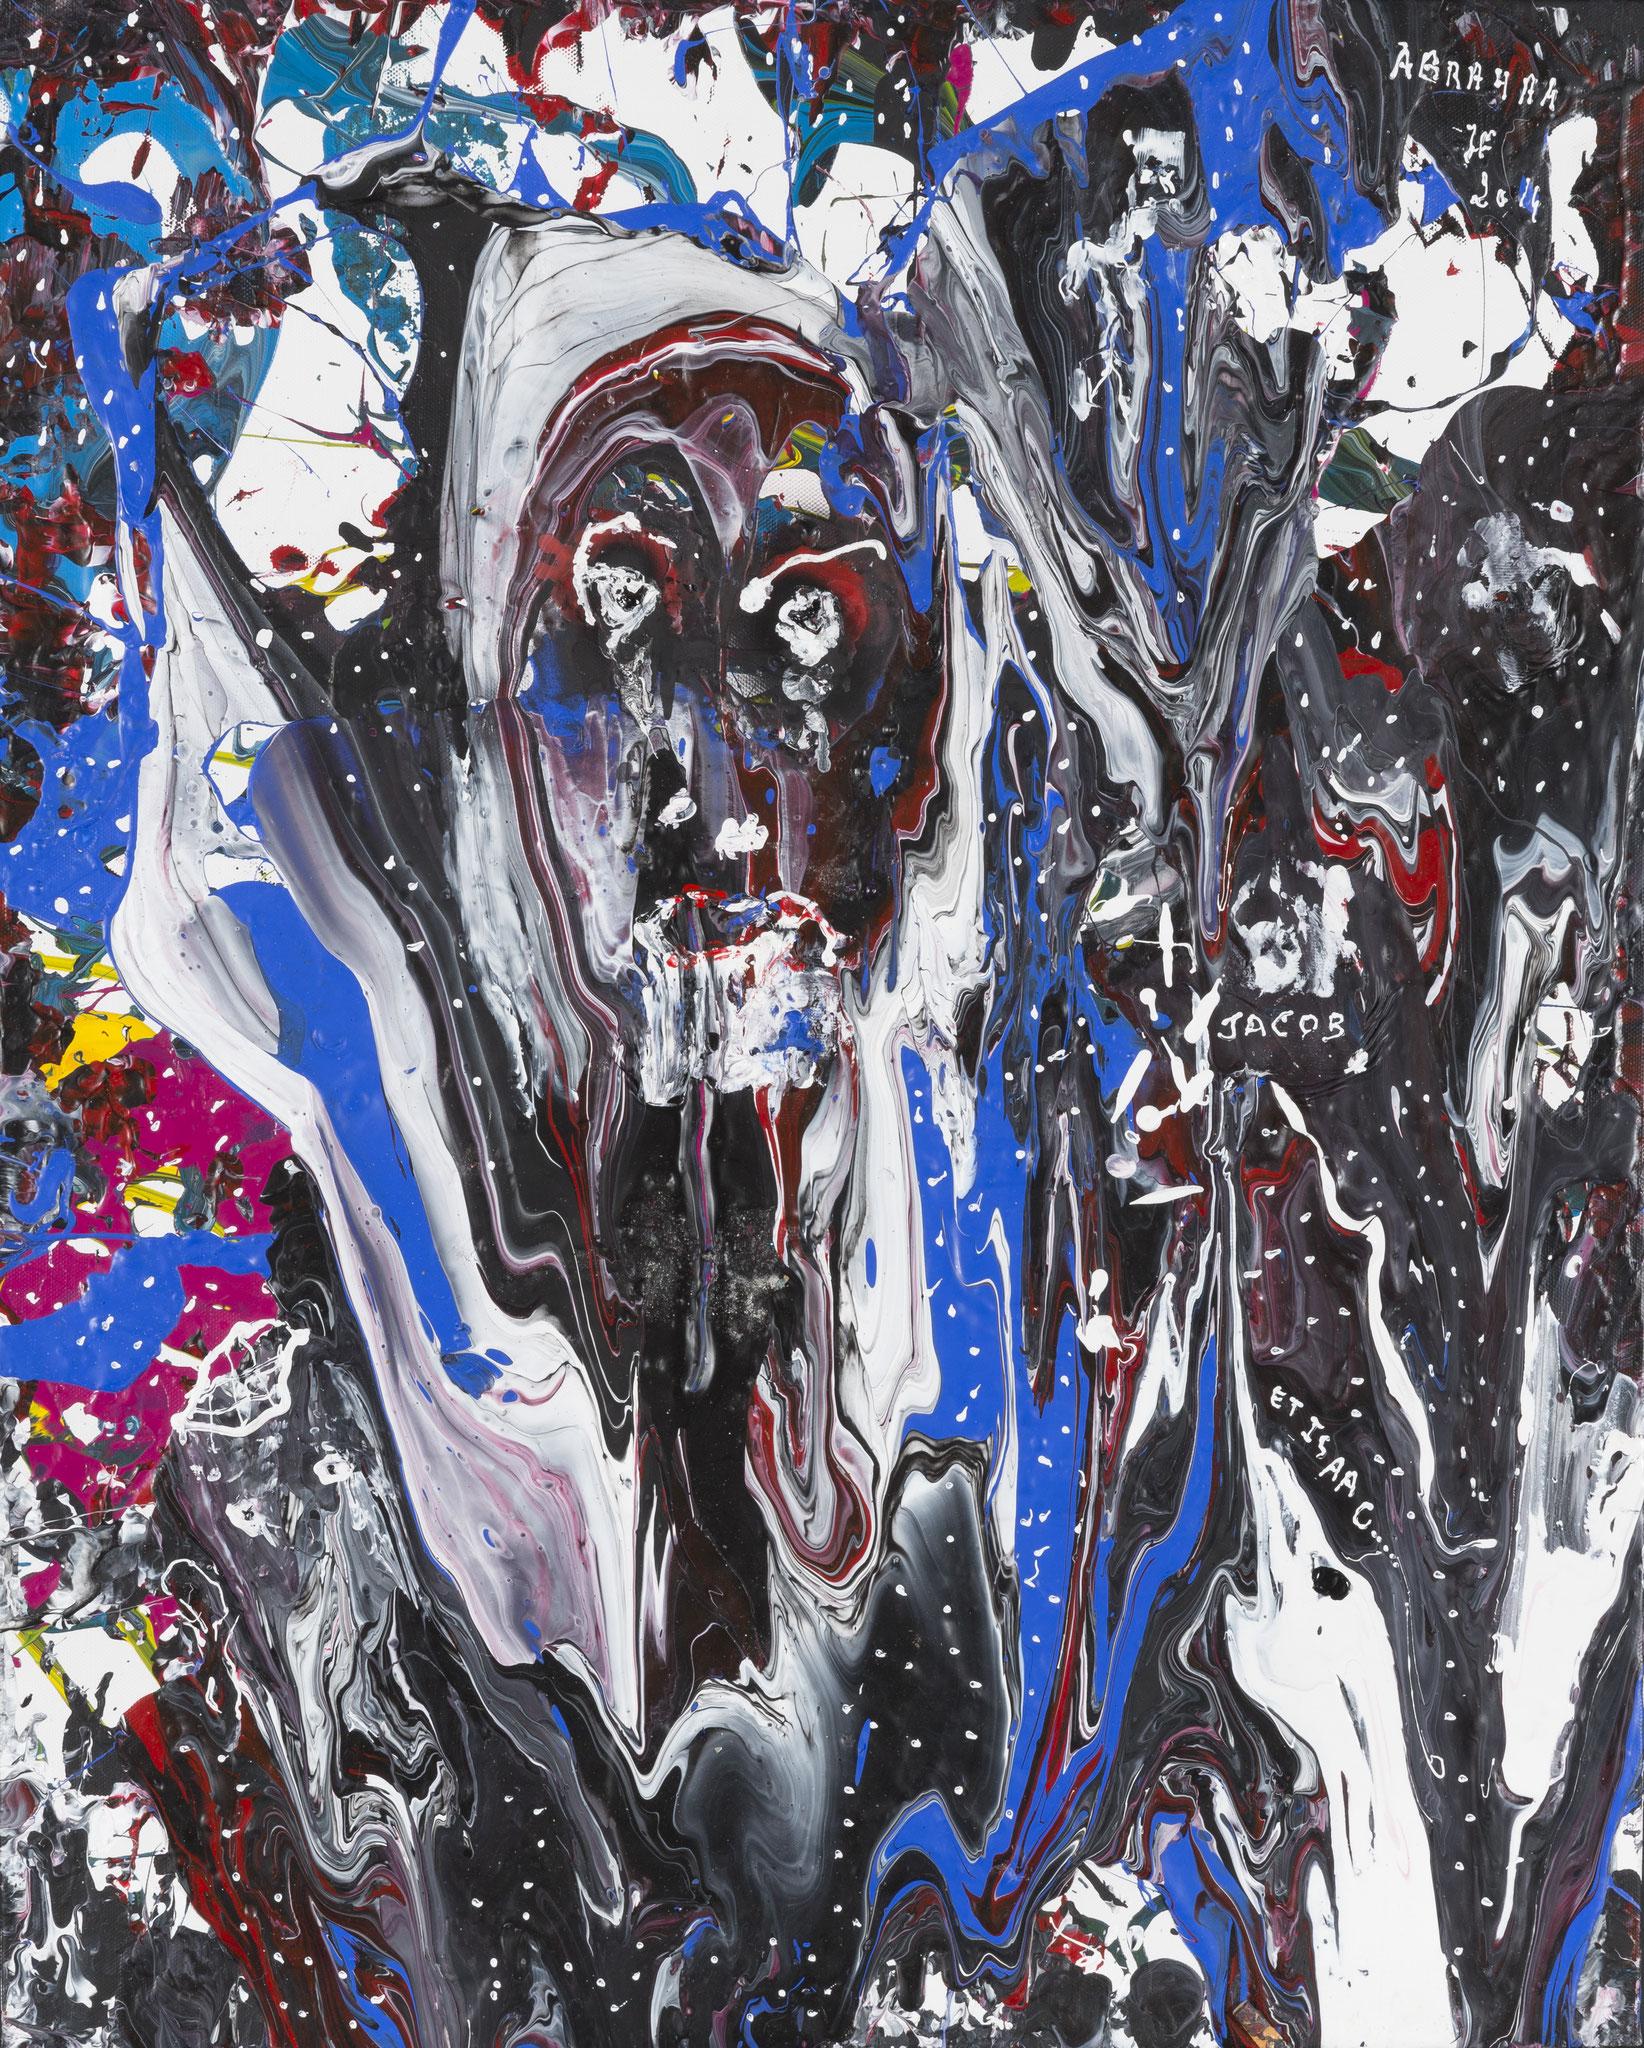 Le Patriarche (2014) - Acrylique sur toile, 100 x 80 cm